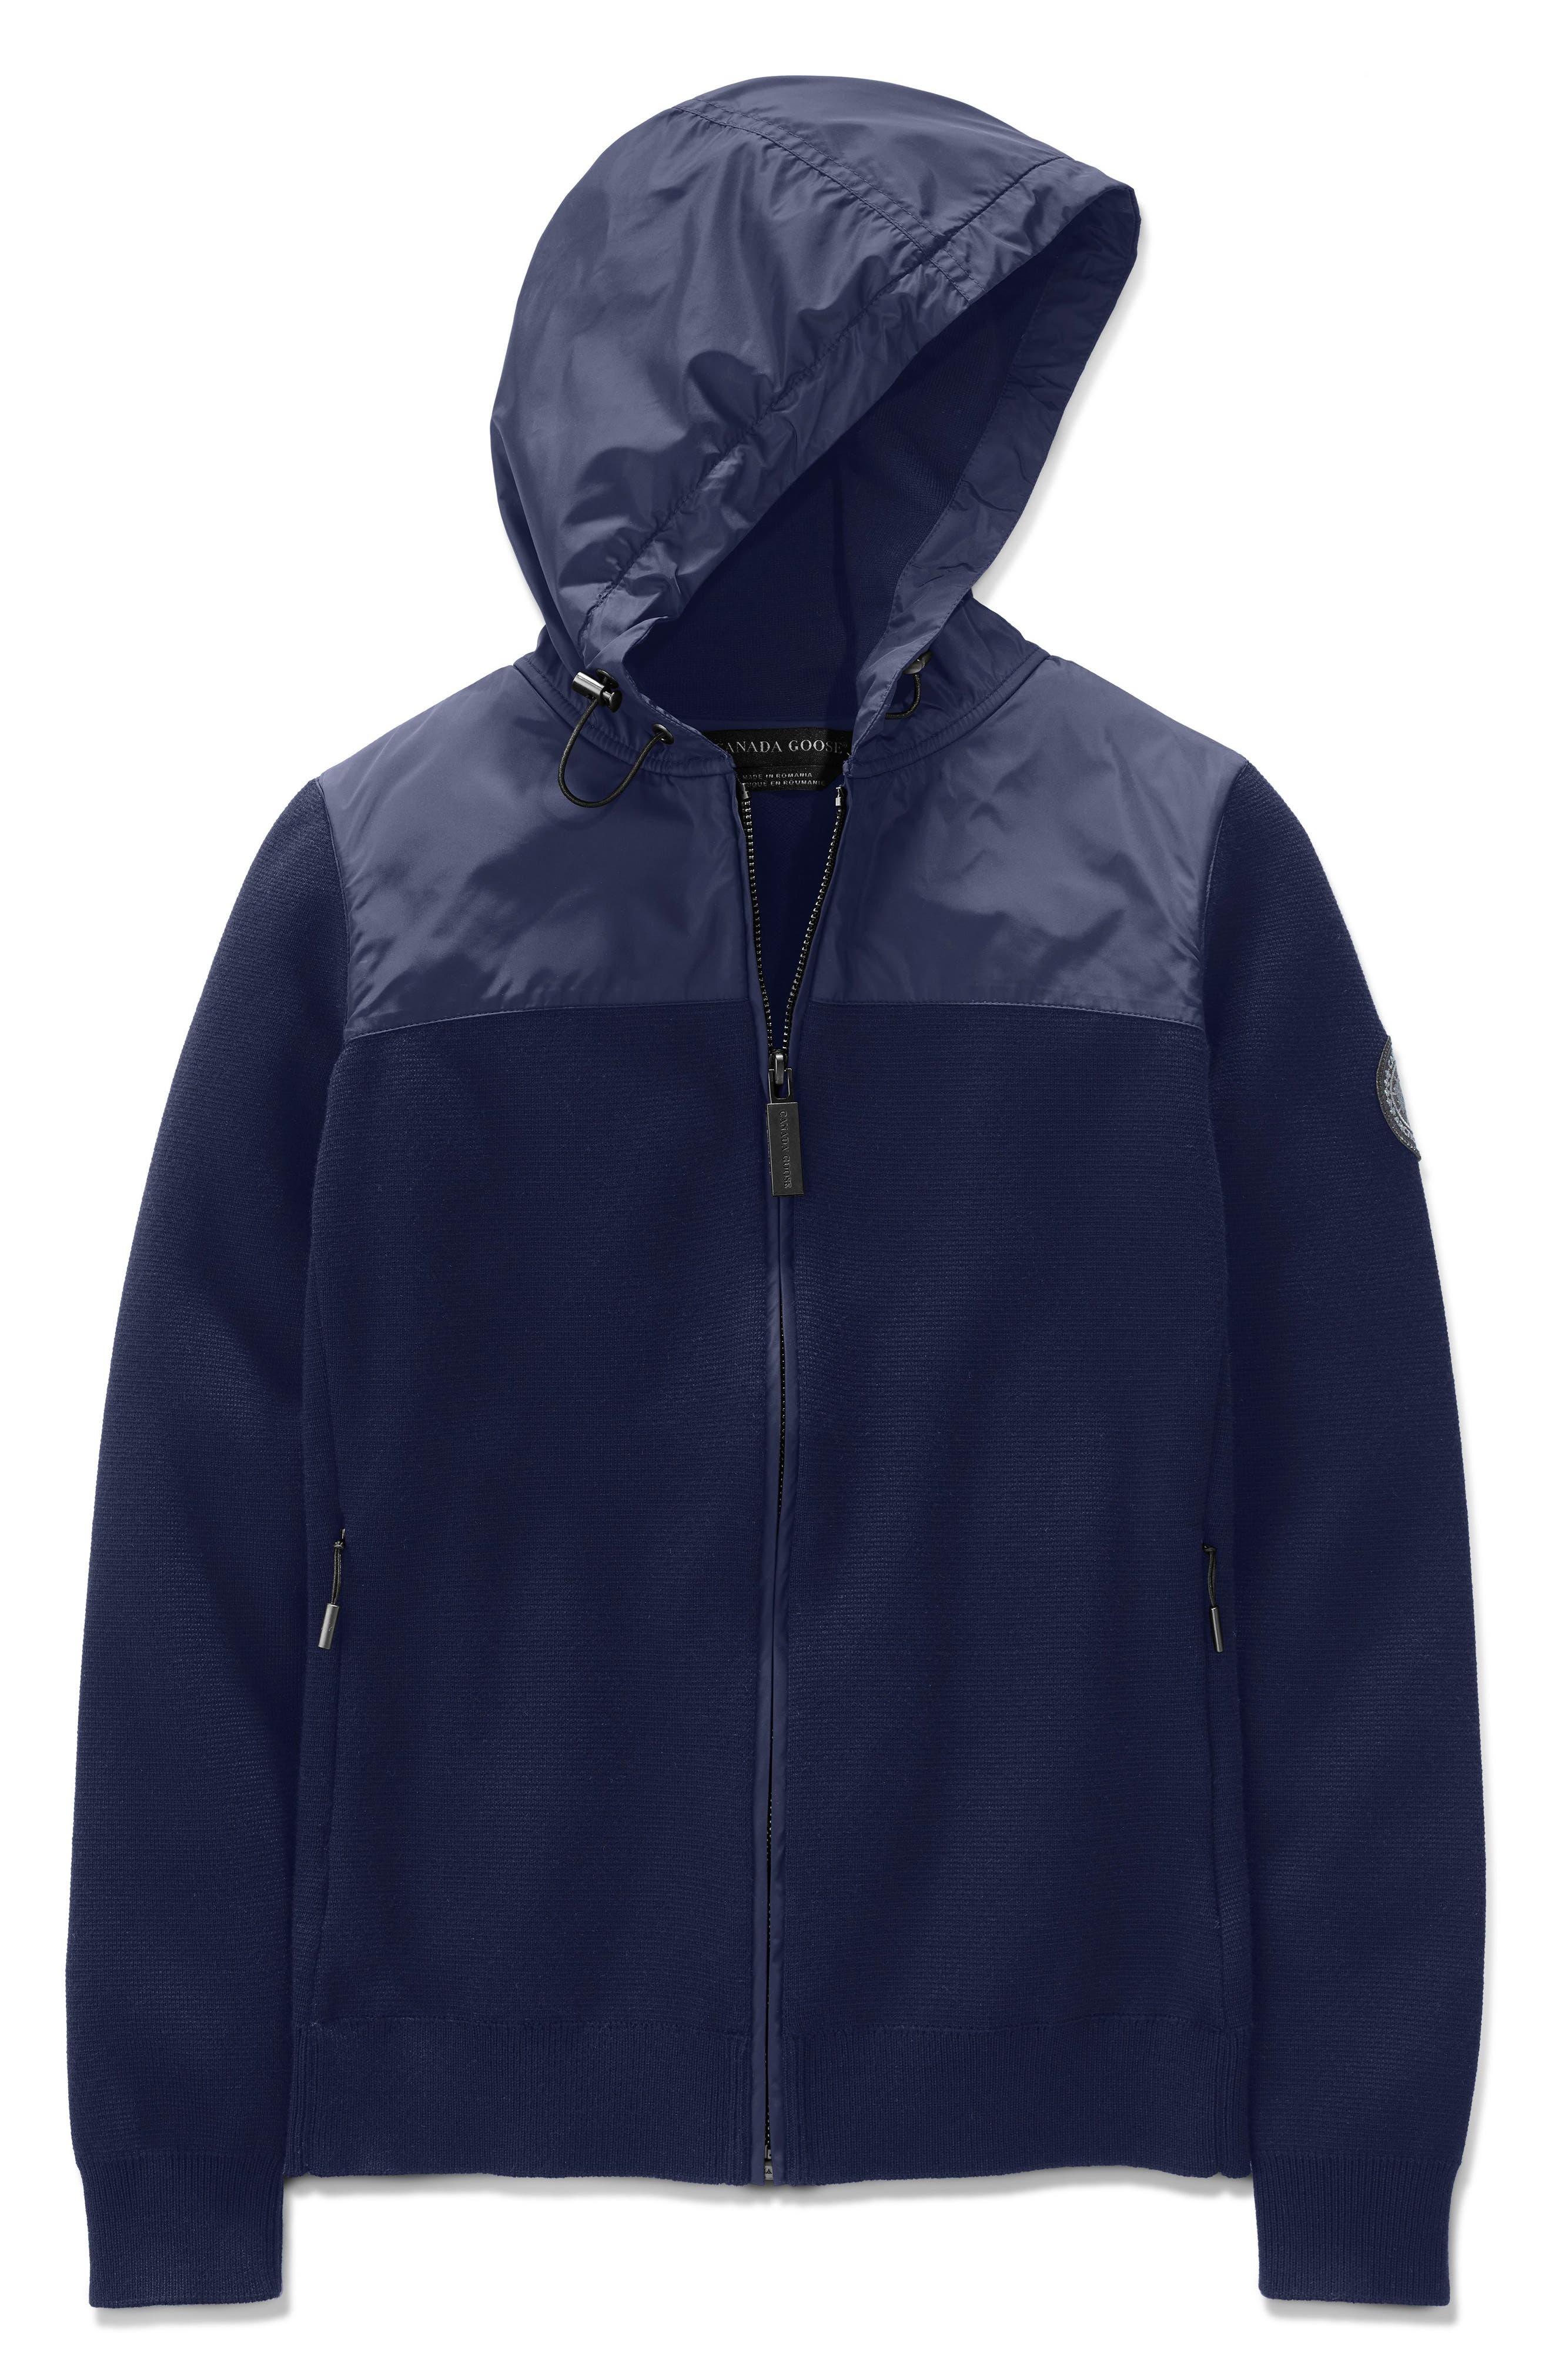 Windbridge Wool & Nylon Hoodie Jacket in Navy